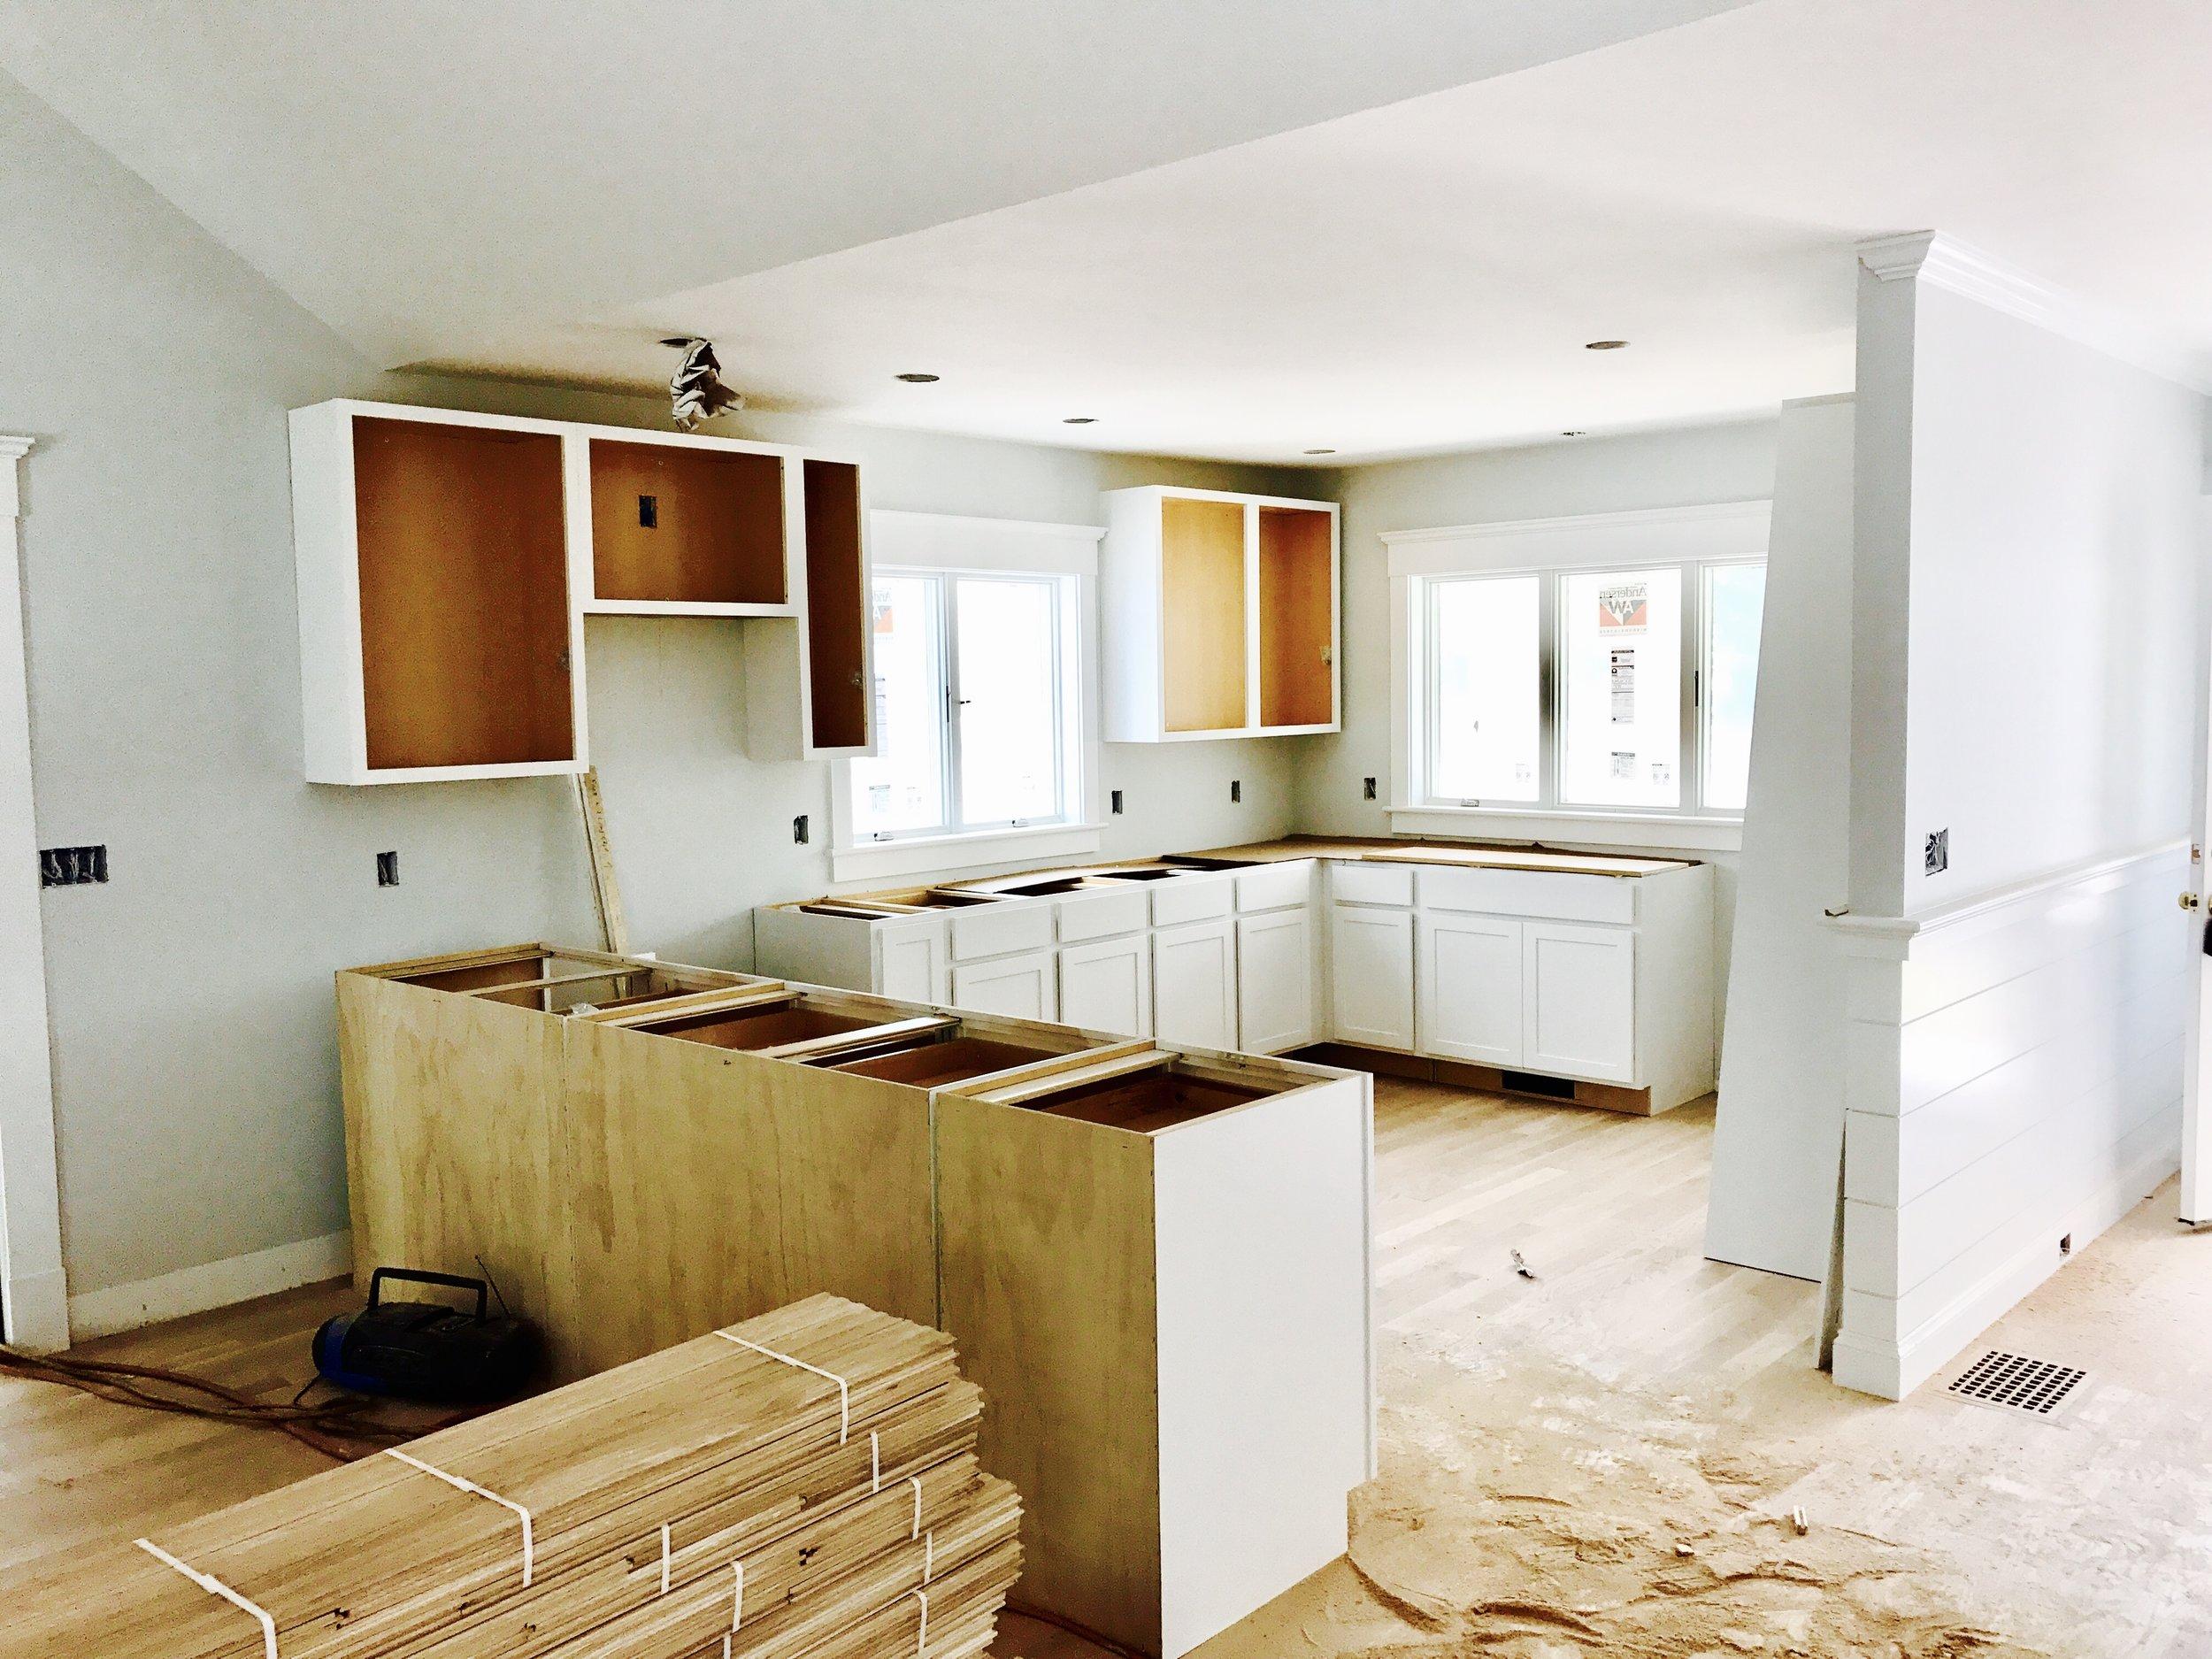 34 Cranberry Kitchen 5-26-18.jpg